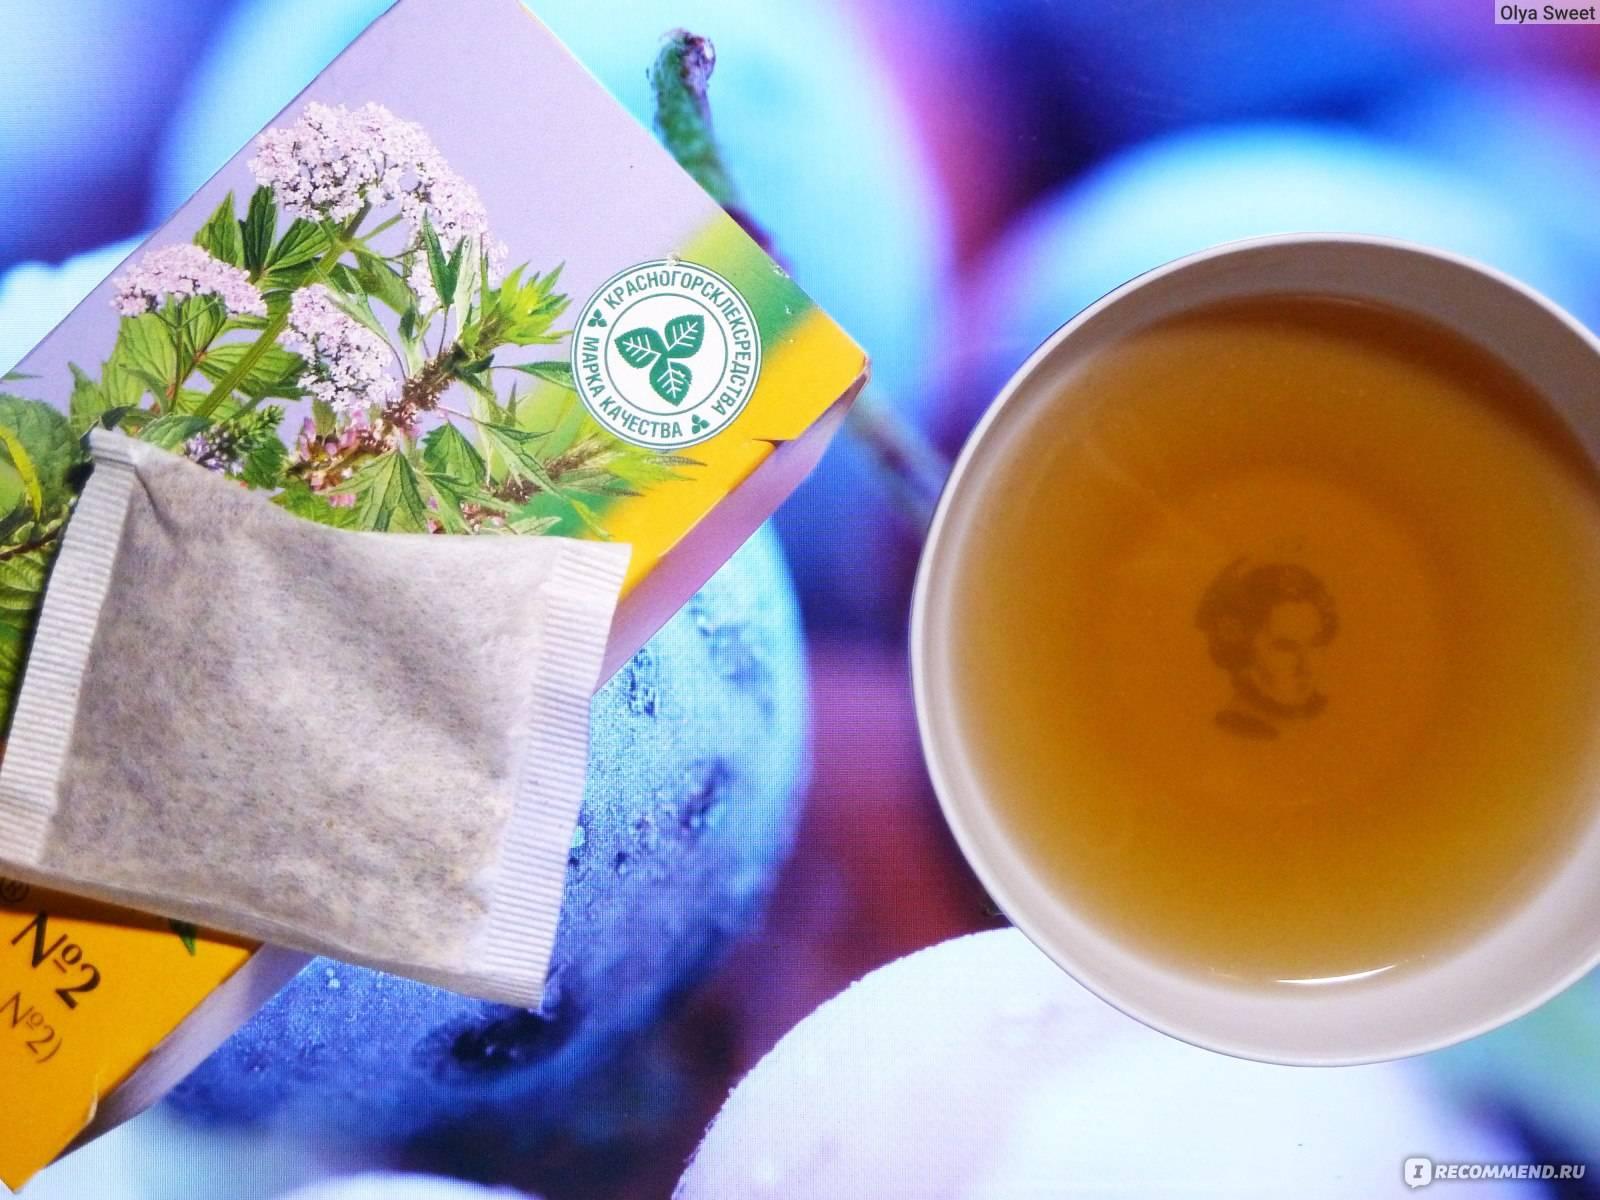 12 видов и марок чая, подходящего для кормящих матерей